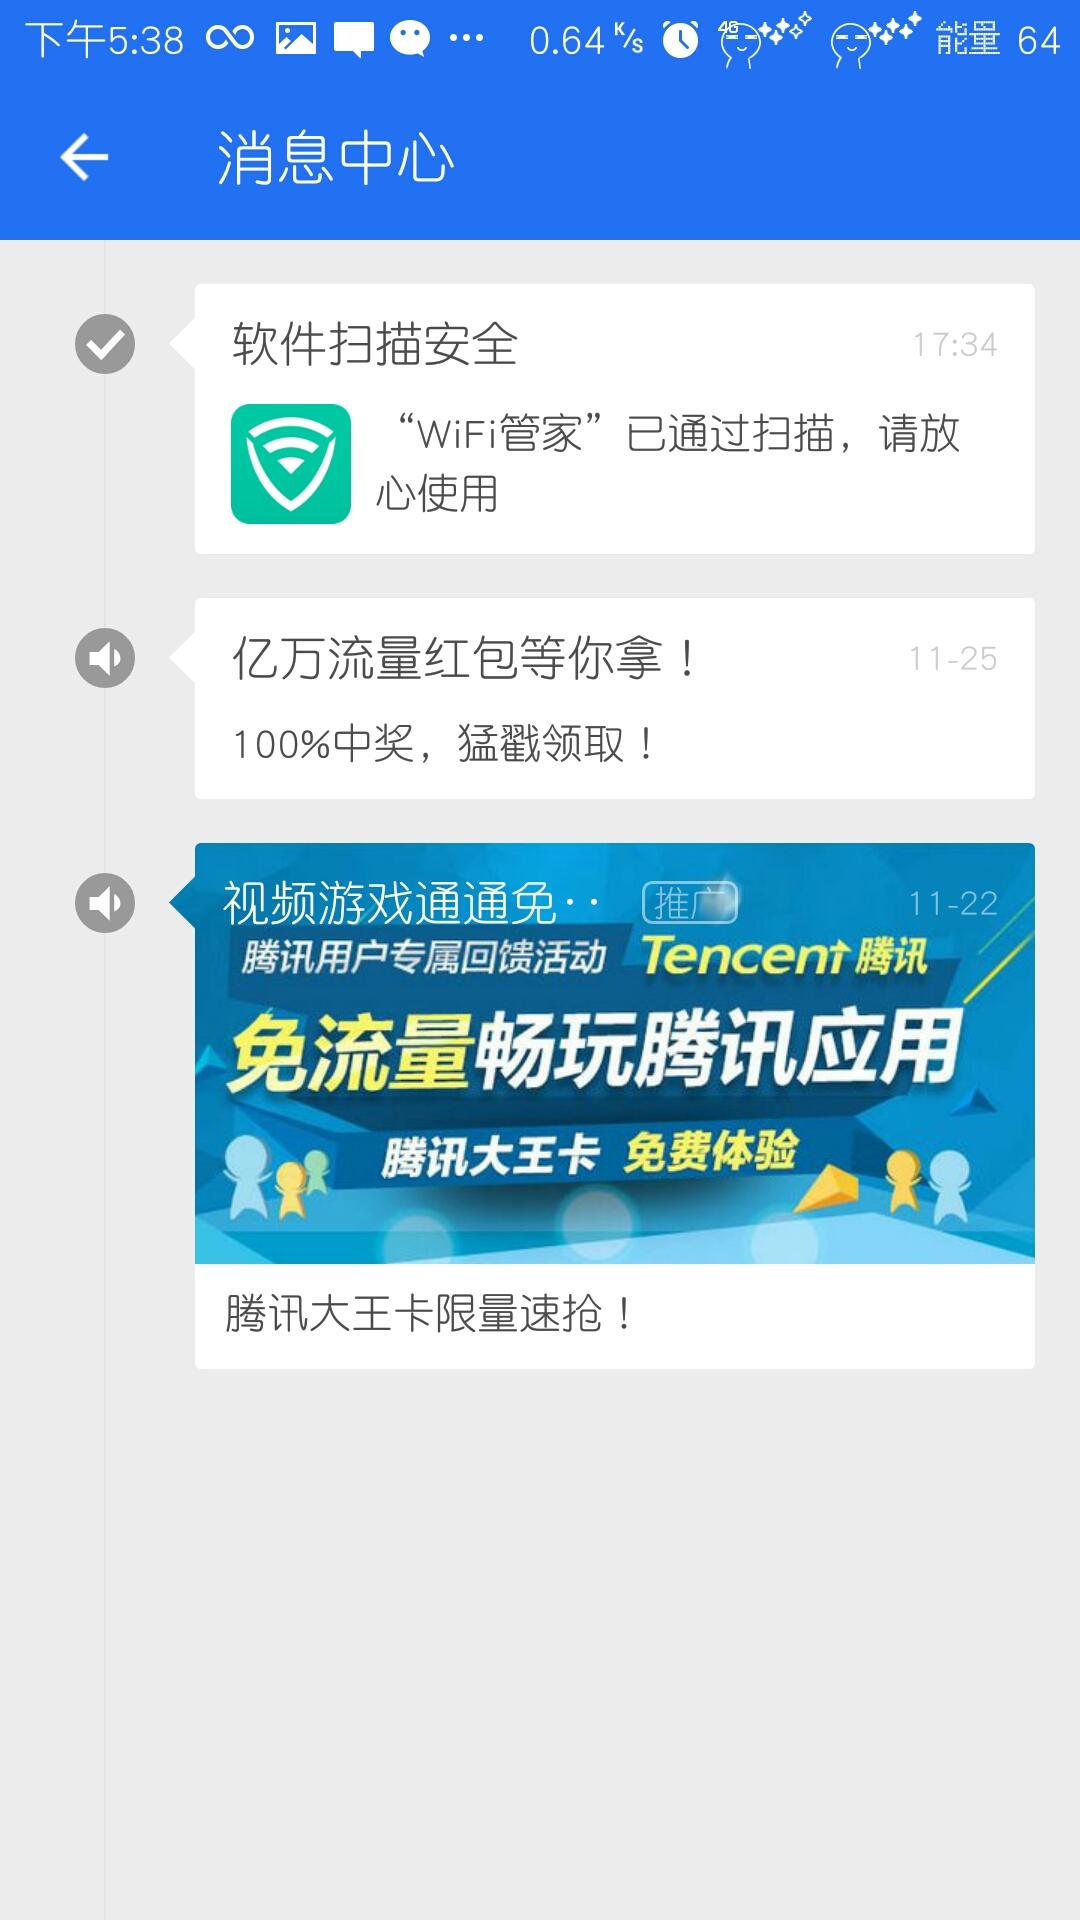 分享两个腾讯大王卡的免费申请入口 自主选号 完全免费 活动线报 第3张